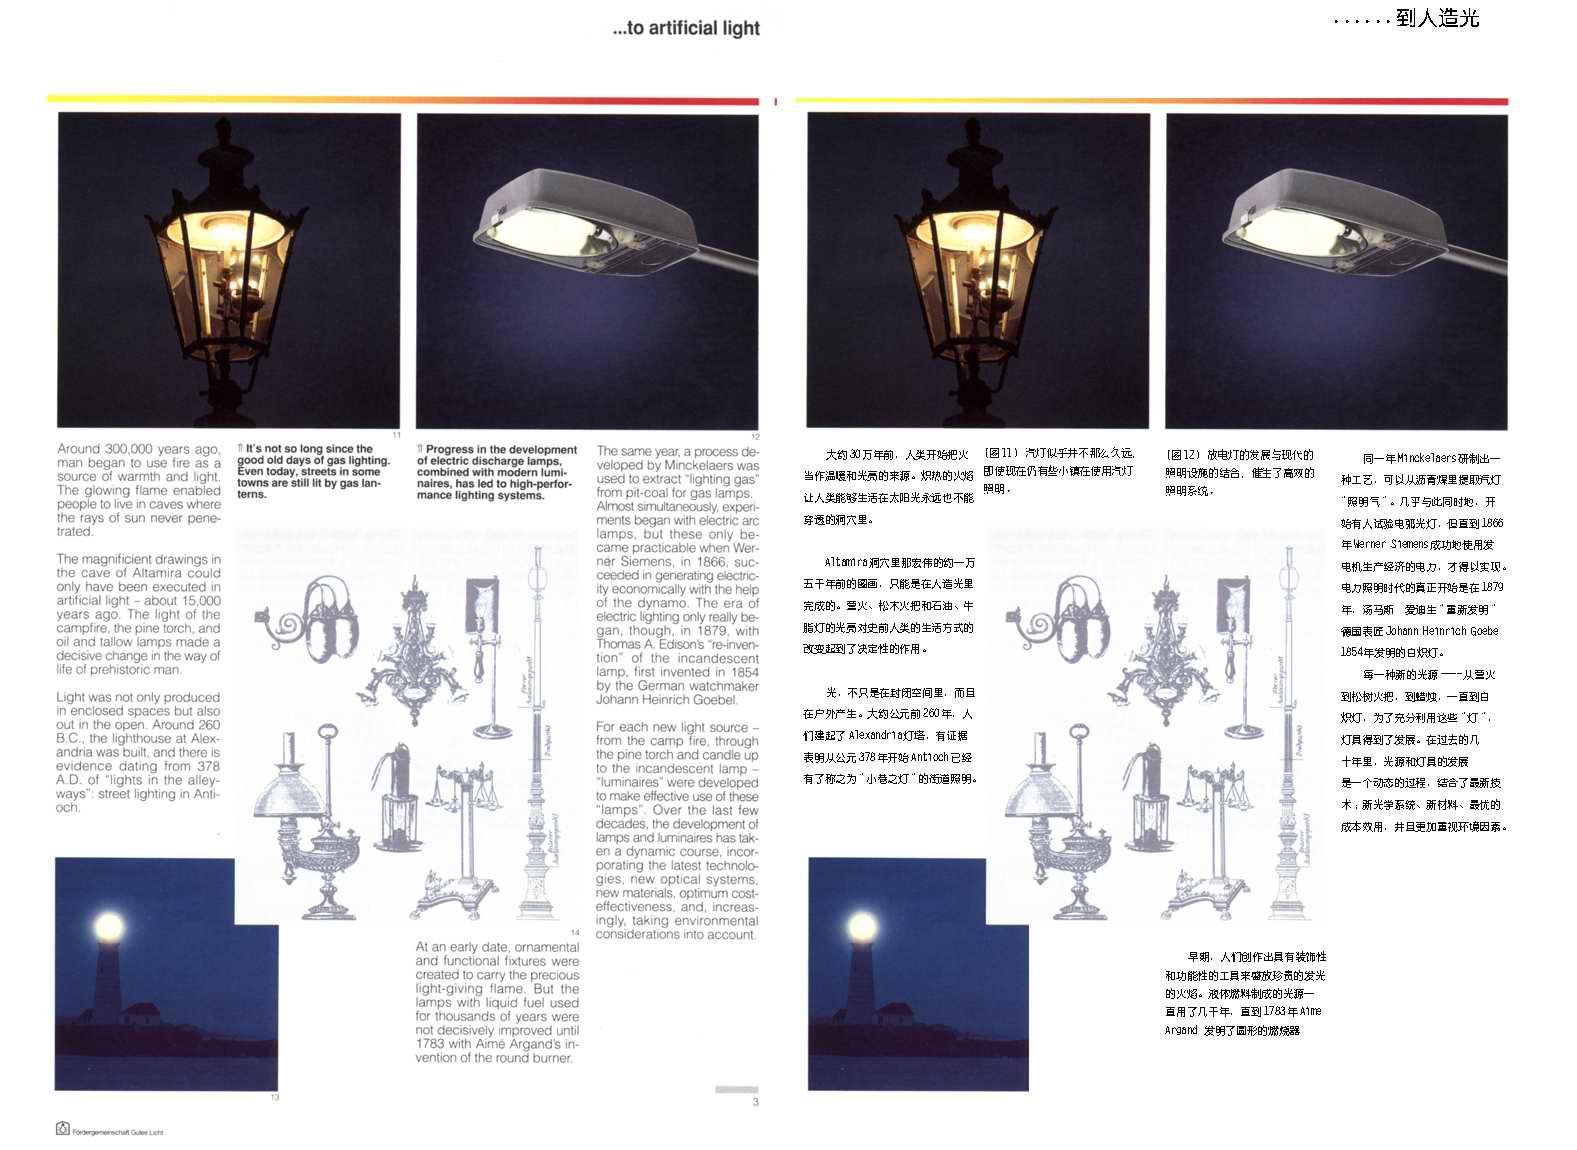 照明设计教程:人造光照明专业教程--(中英文对照版) (多图附:下载) - R站|学习使我快乐! - 5